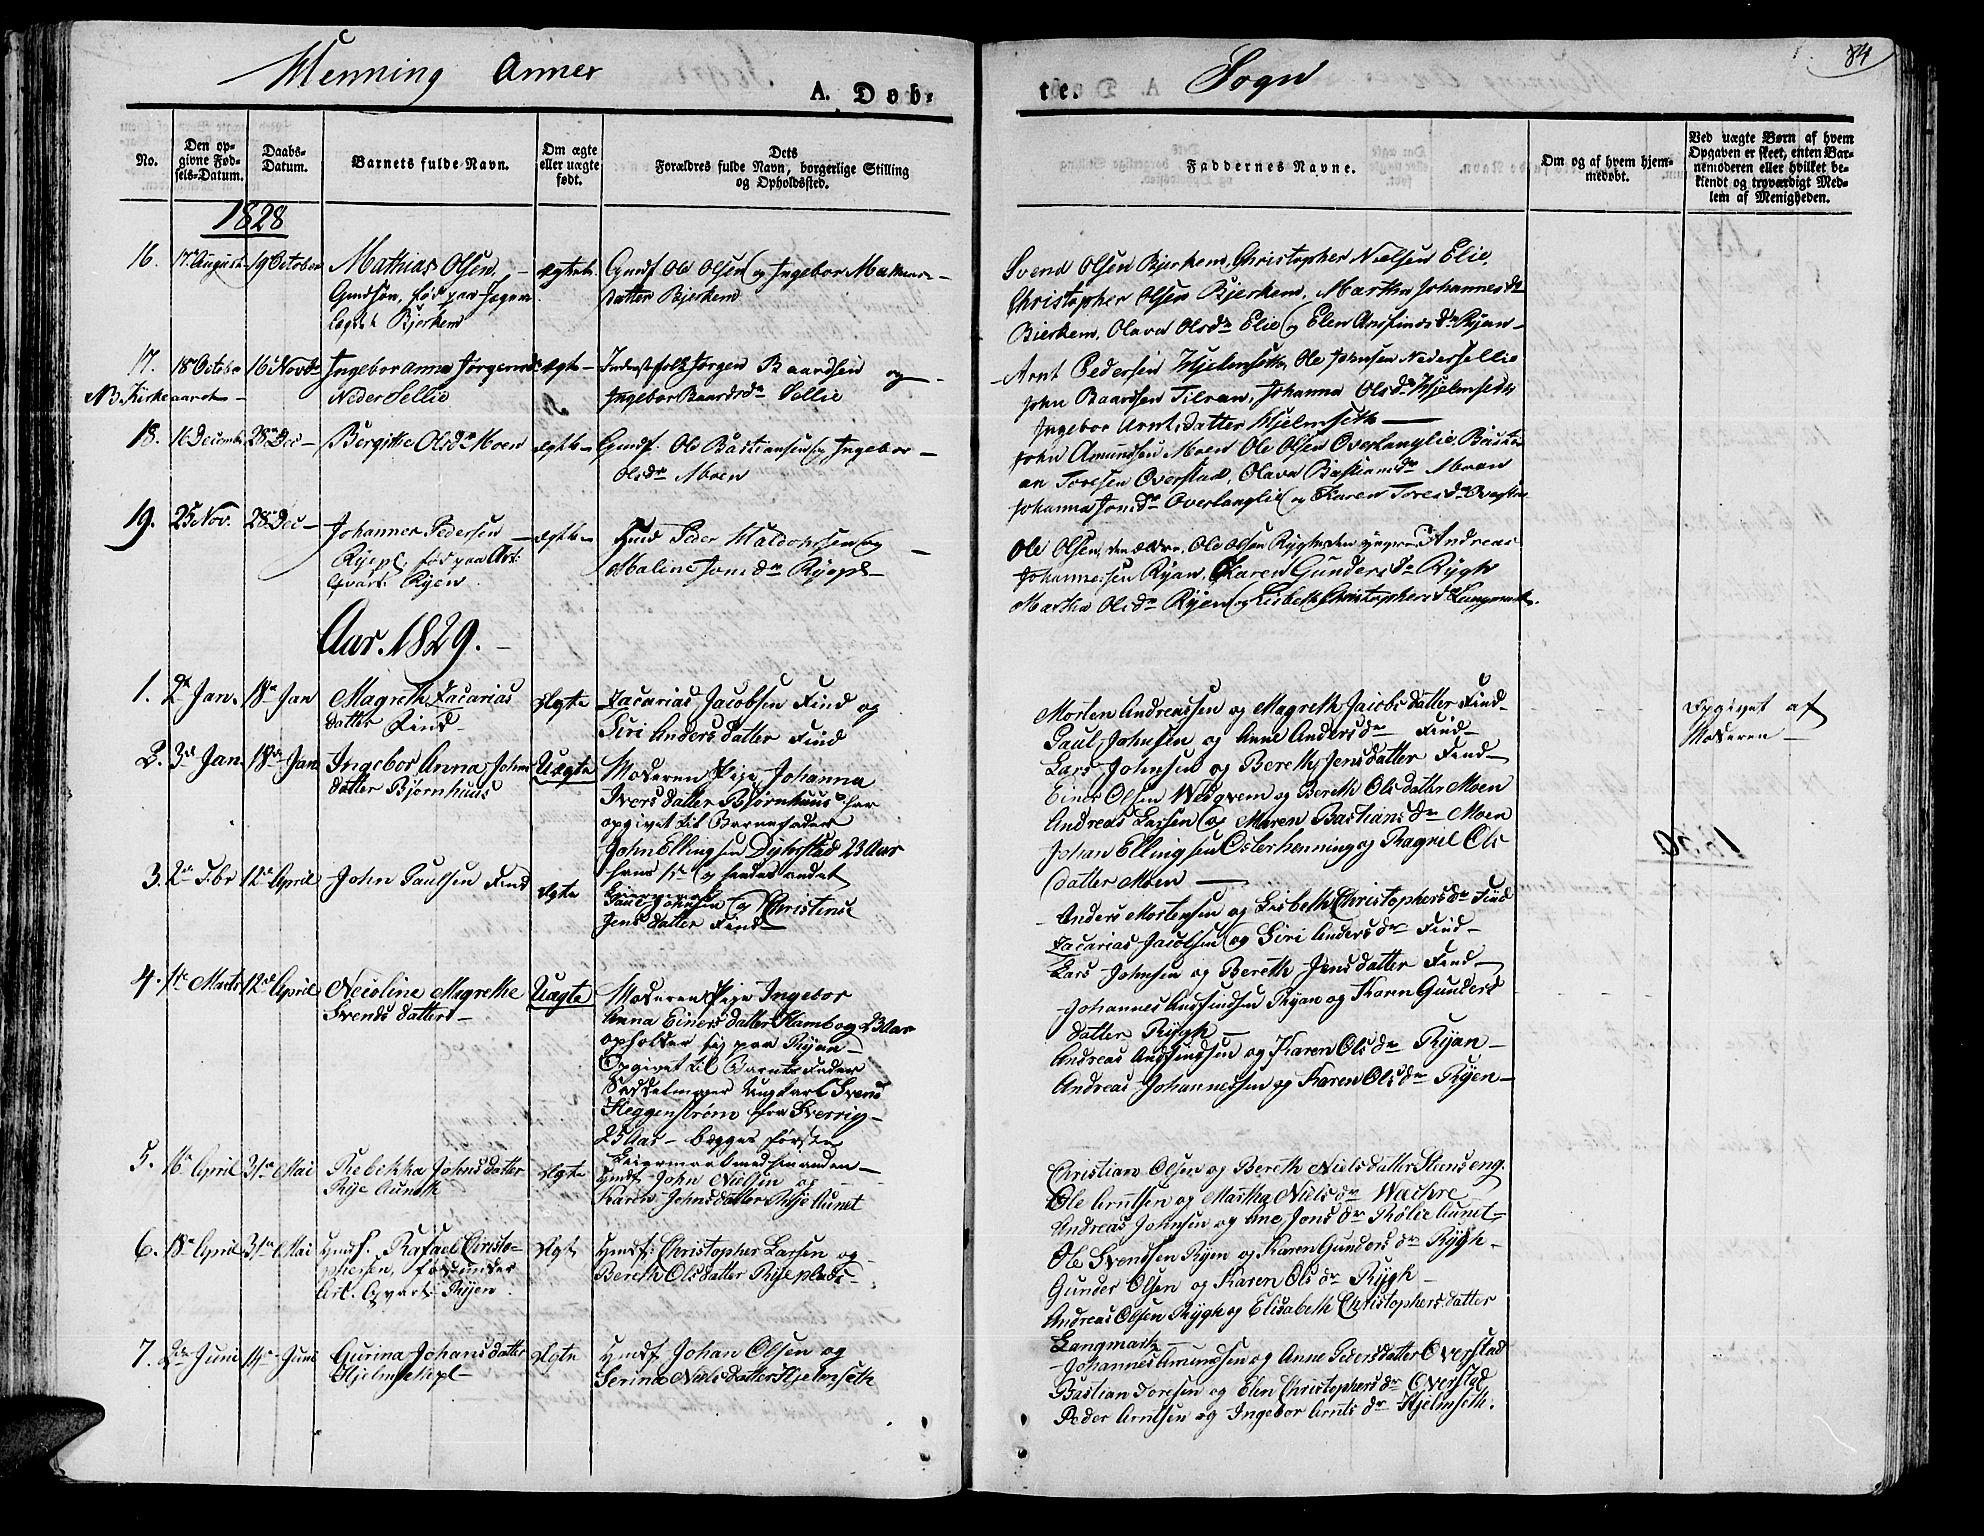 SAT, Ministerialprotokoller, klokkerbøker og fødselsregistre - Nord-Trøndelag, 735/L0336: Ministerialbok nr. 735A05 /3, 1825-1835, s. 84